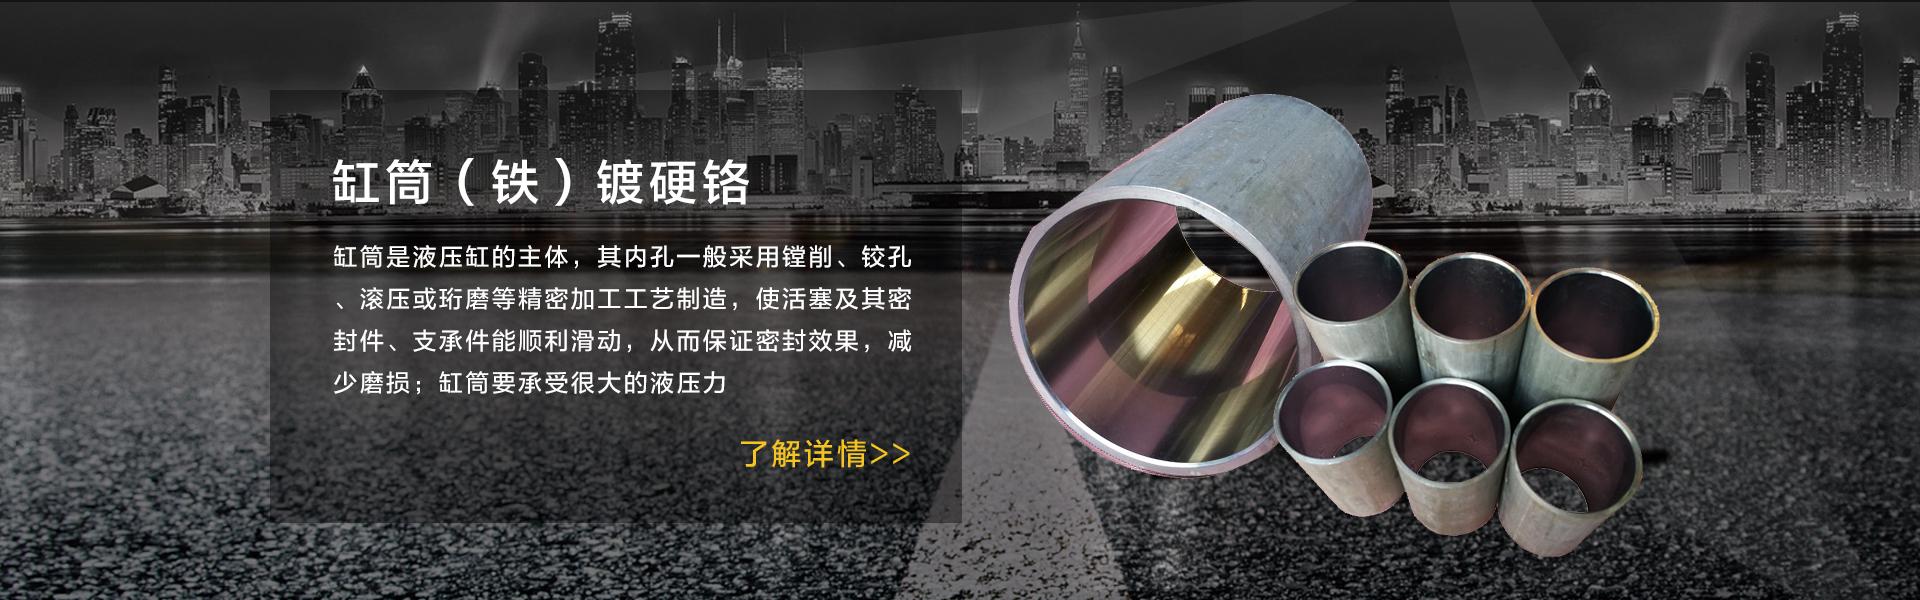 高要毅鸿电镀有限公司是一家从事硬铬电镀的企业。